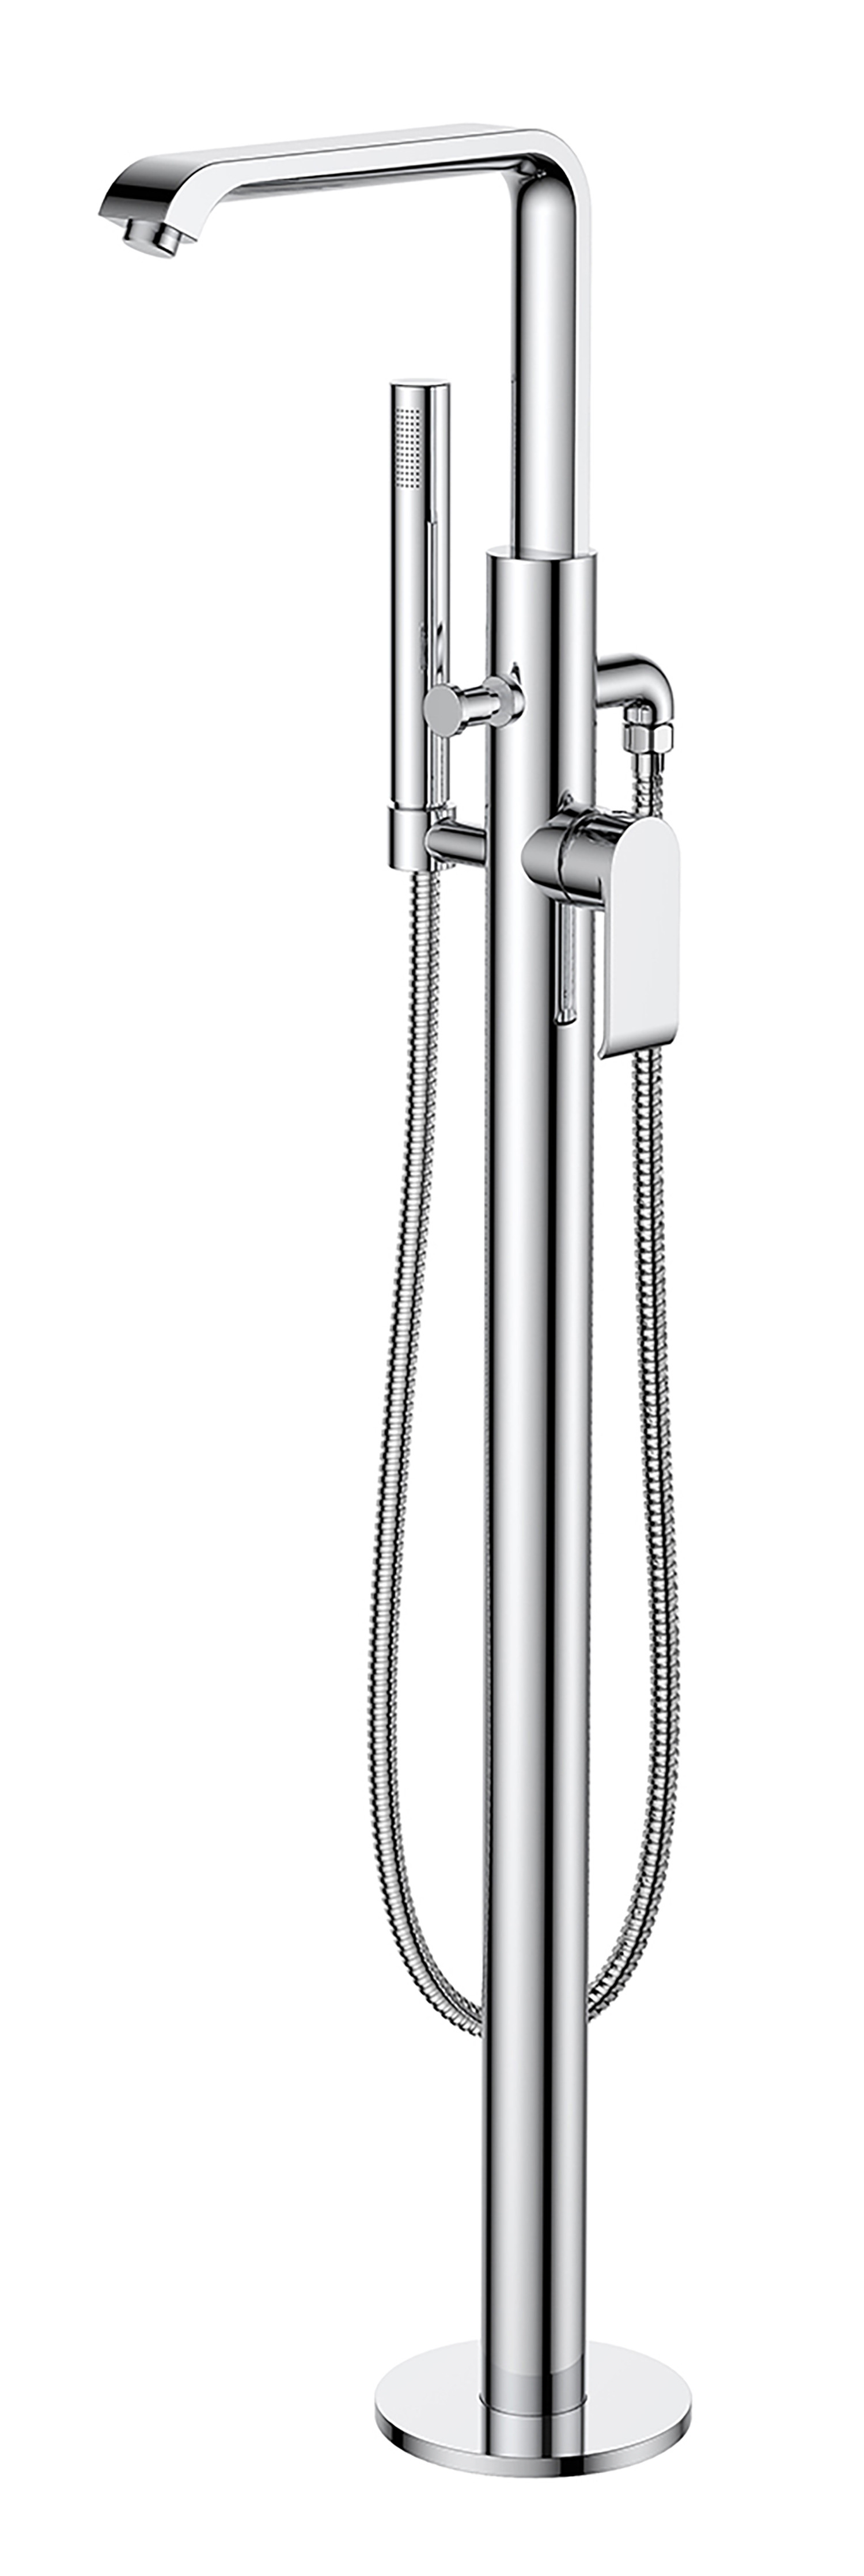 Basque Freestanding Bath Shower Mixer